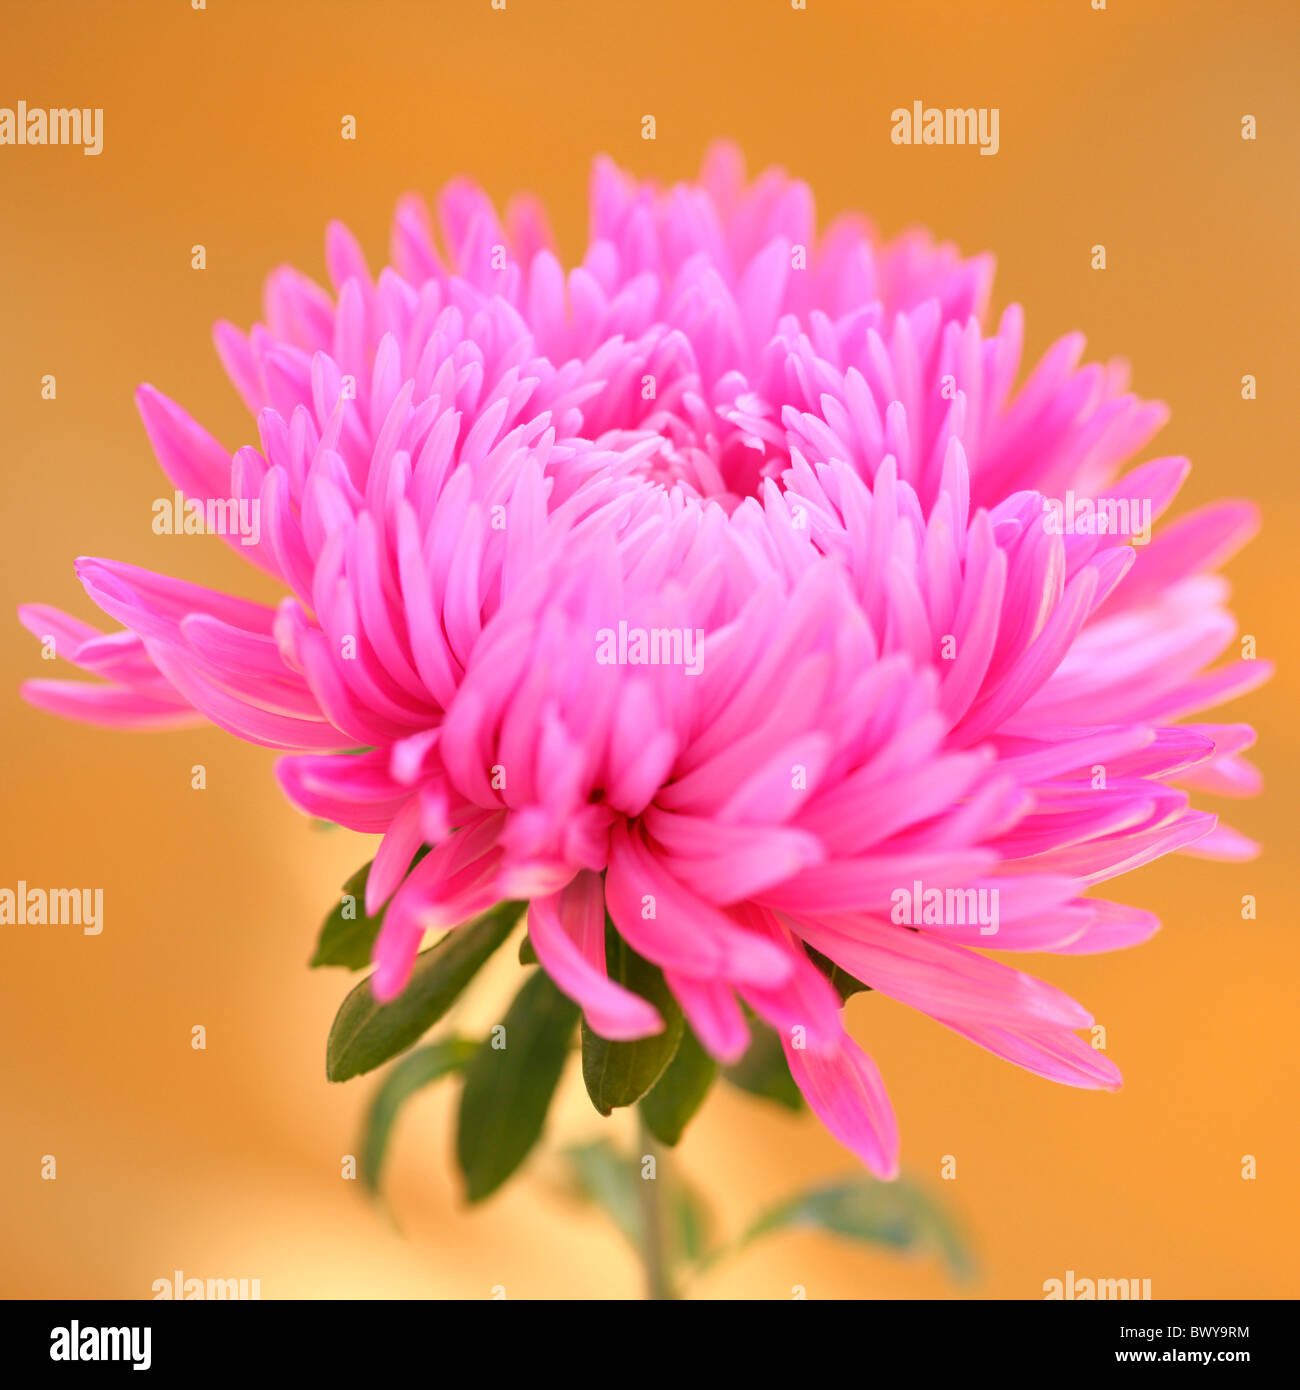 striking pink aster bloom Jane-Ann Butler Photography JABP873 - Stock Image